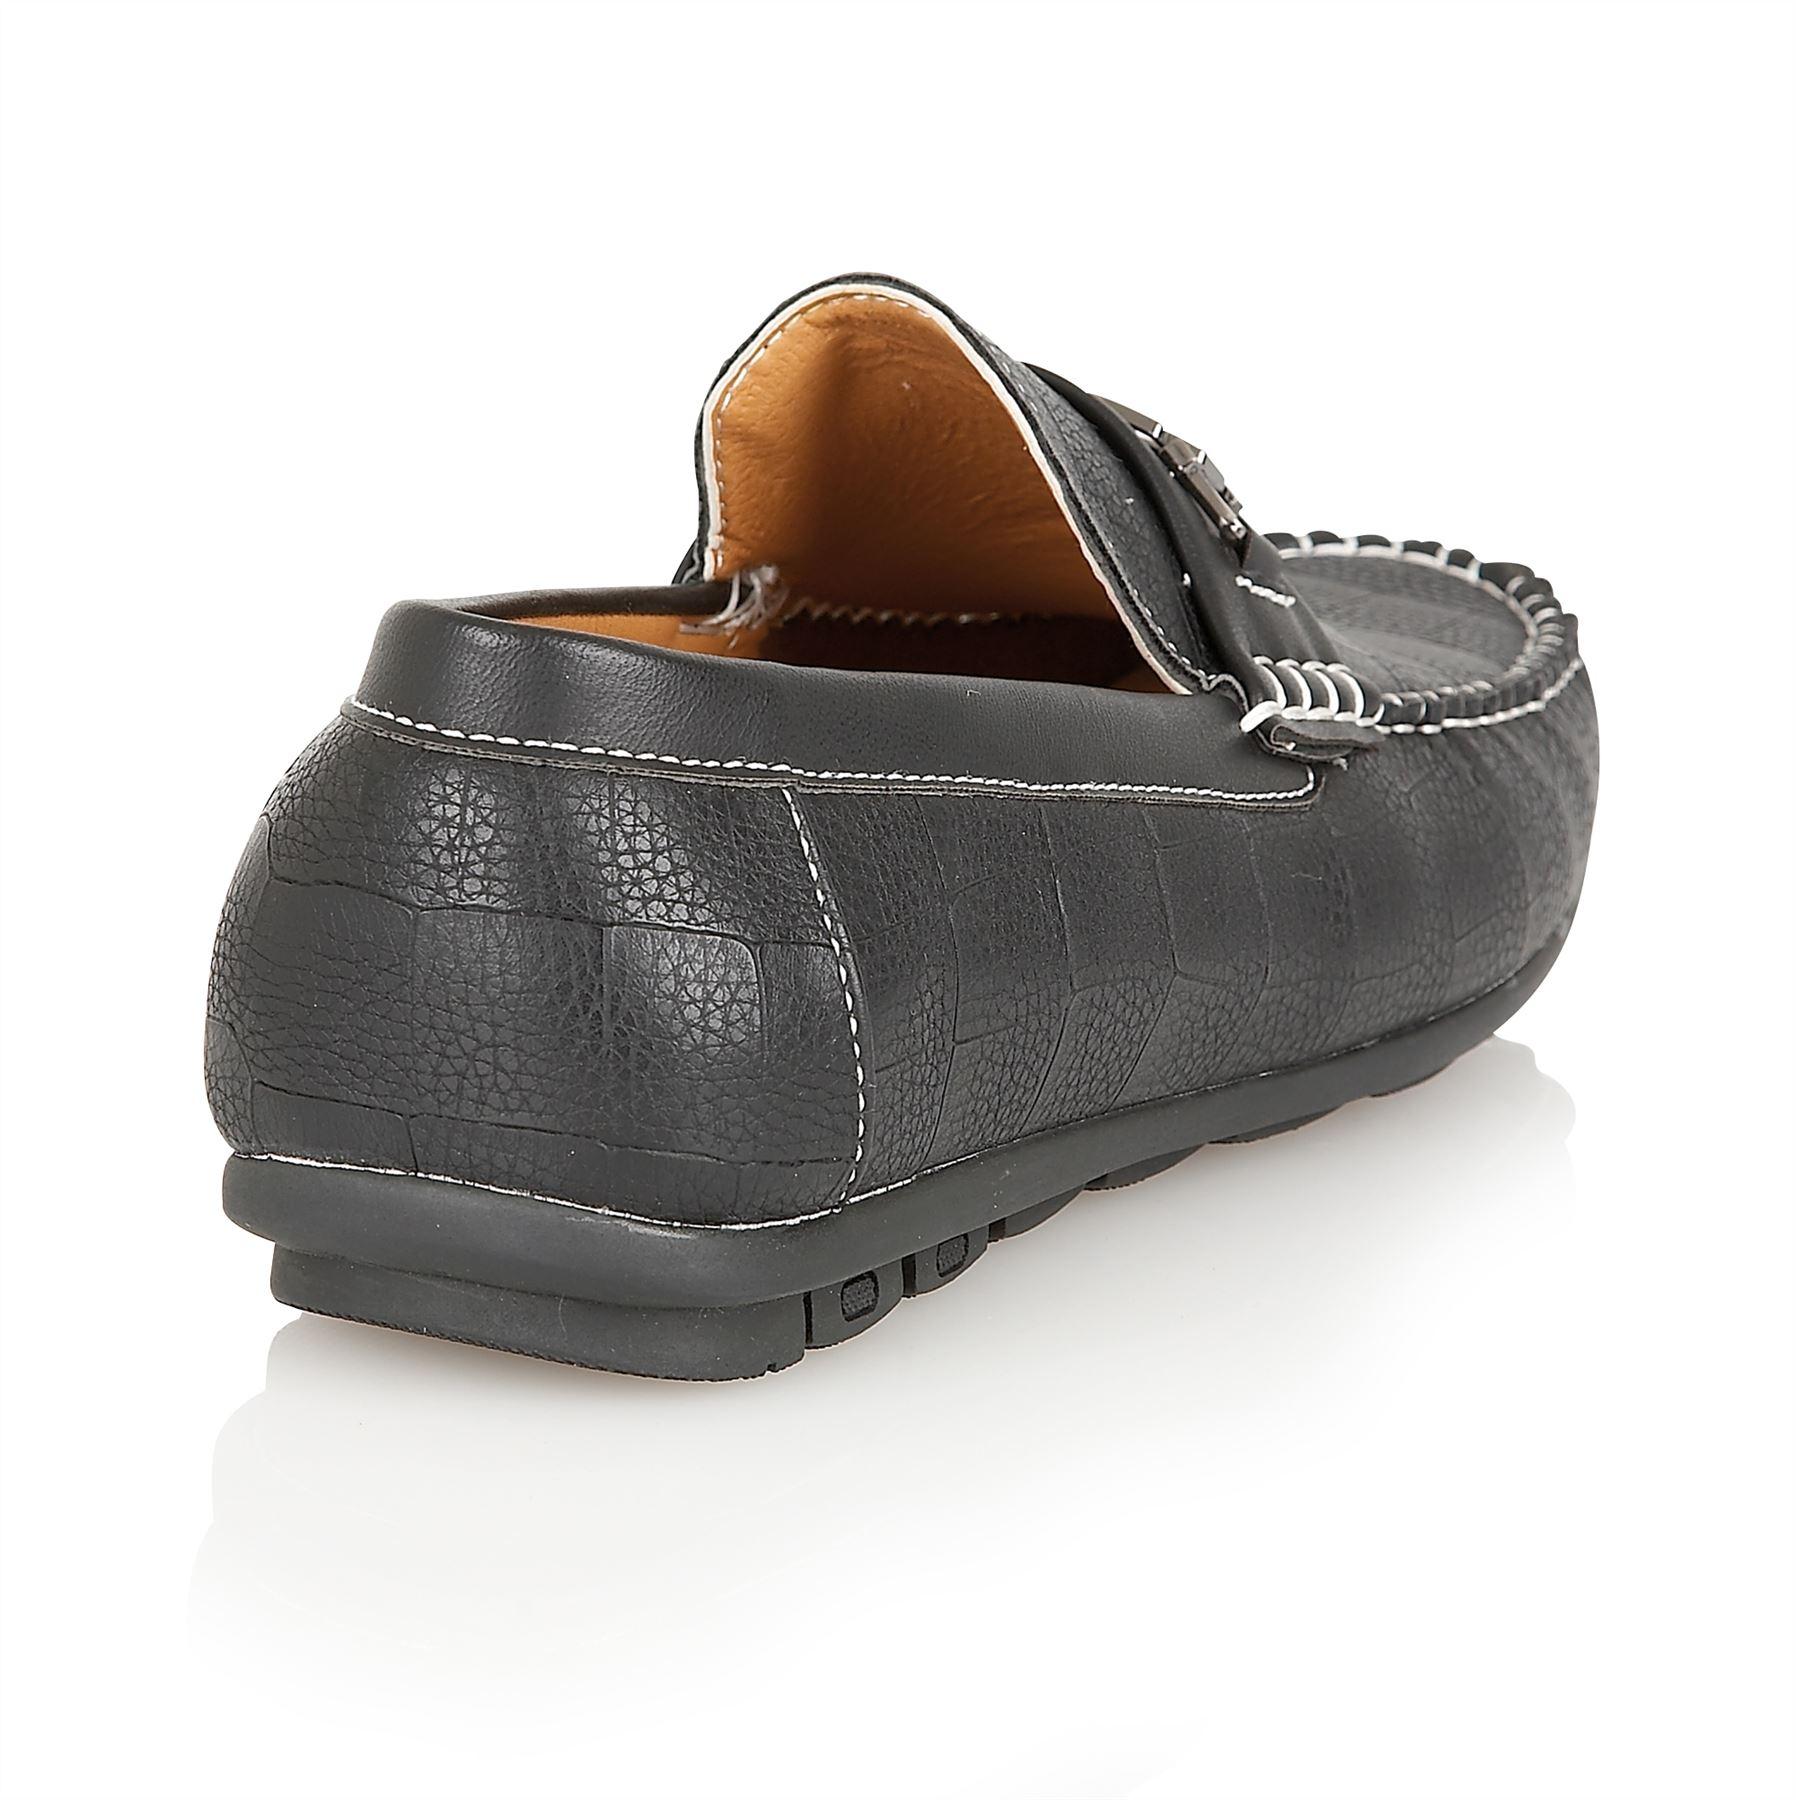 branded loafer shoes for men - photo #49